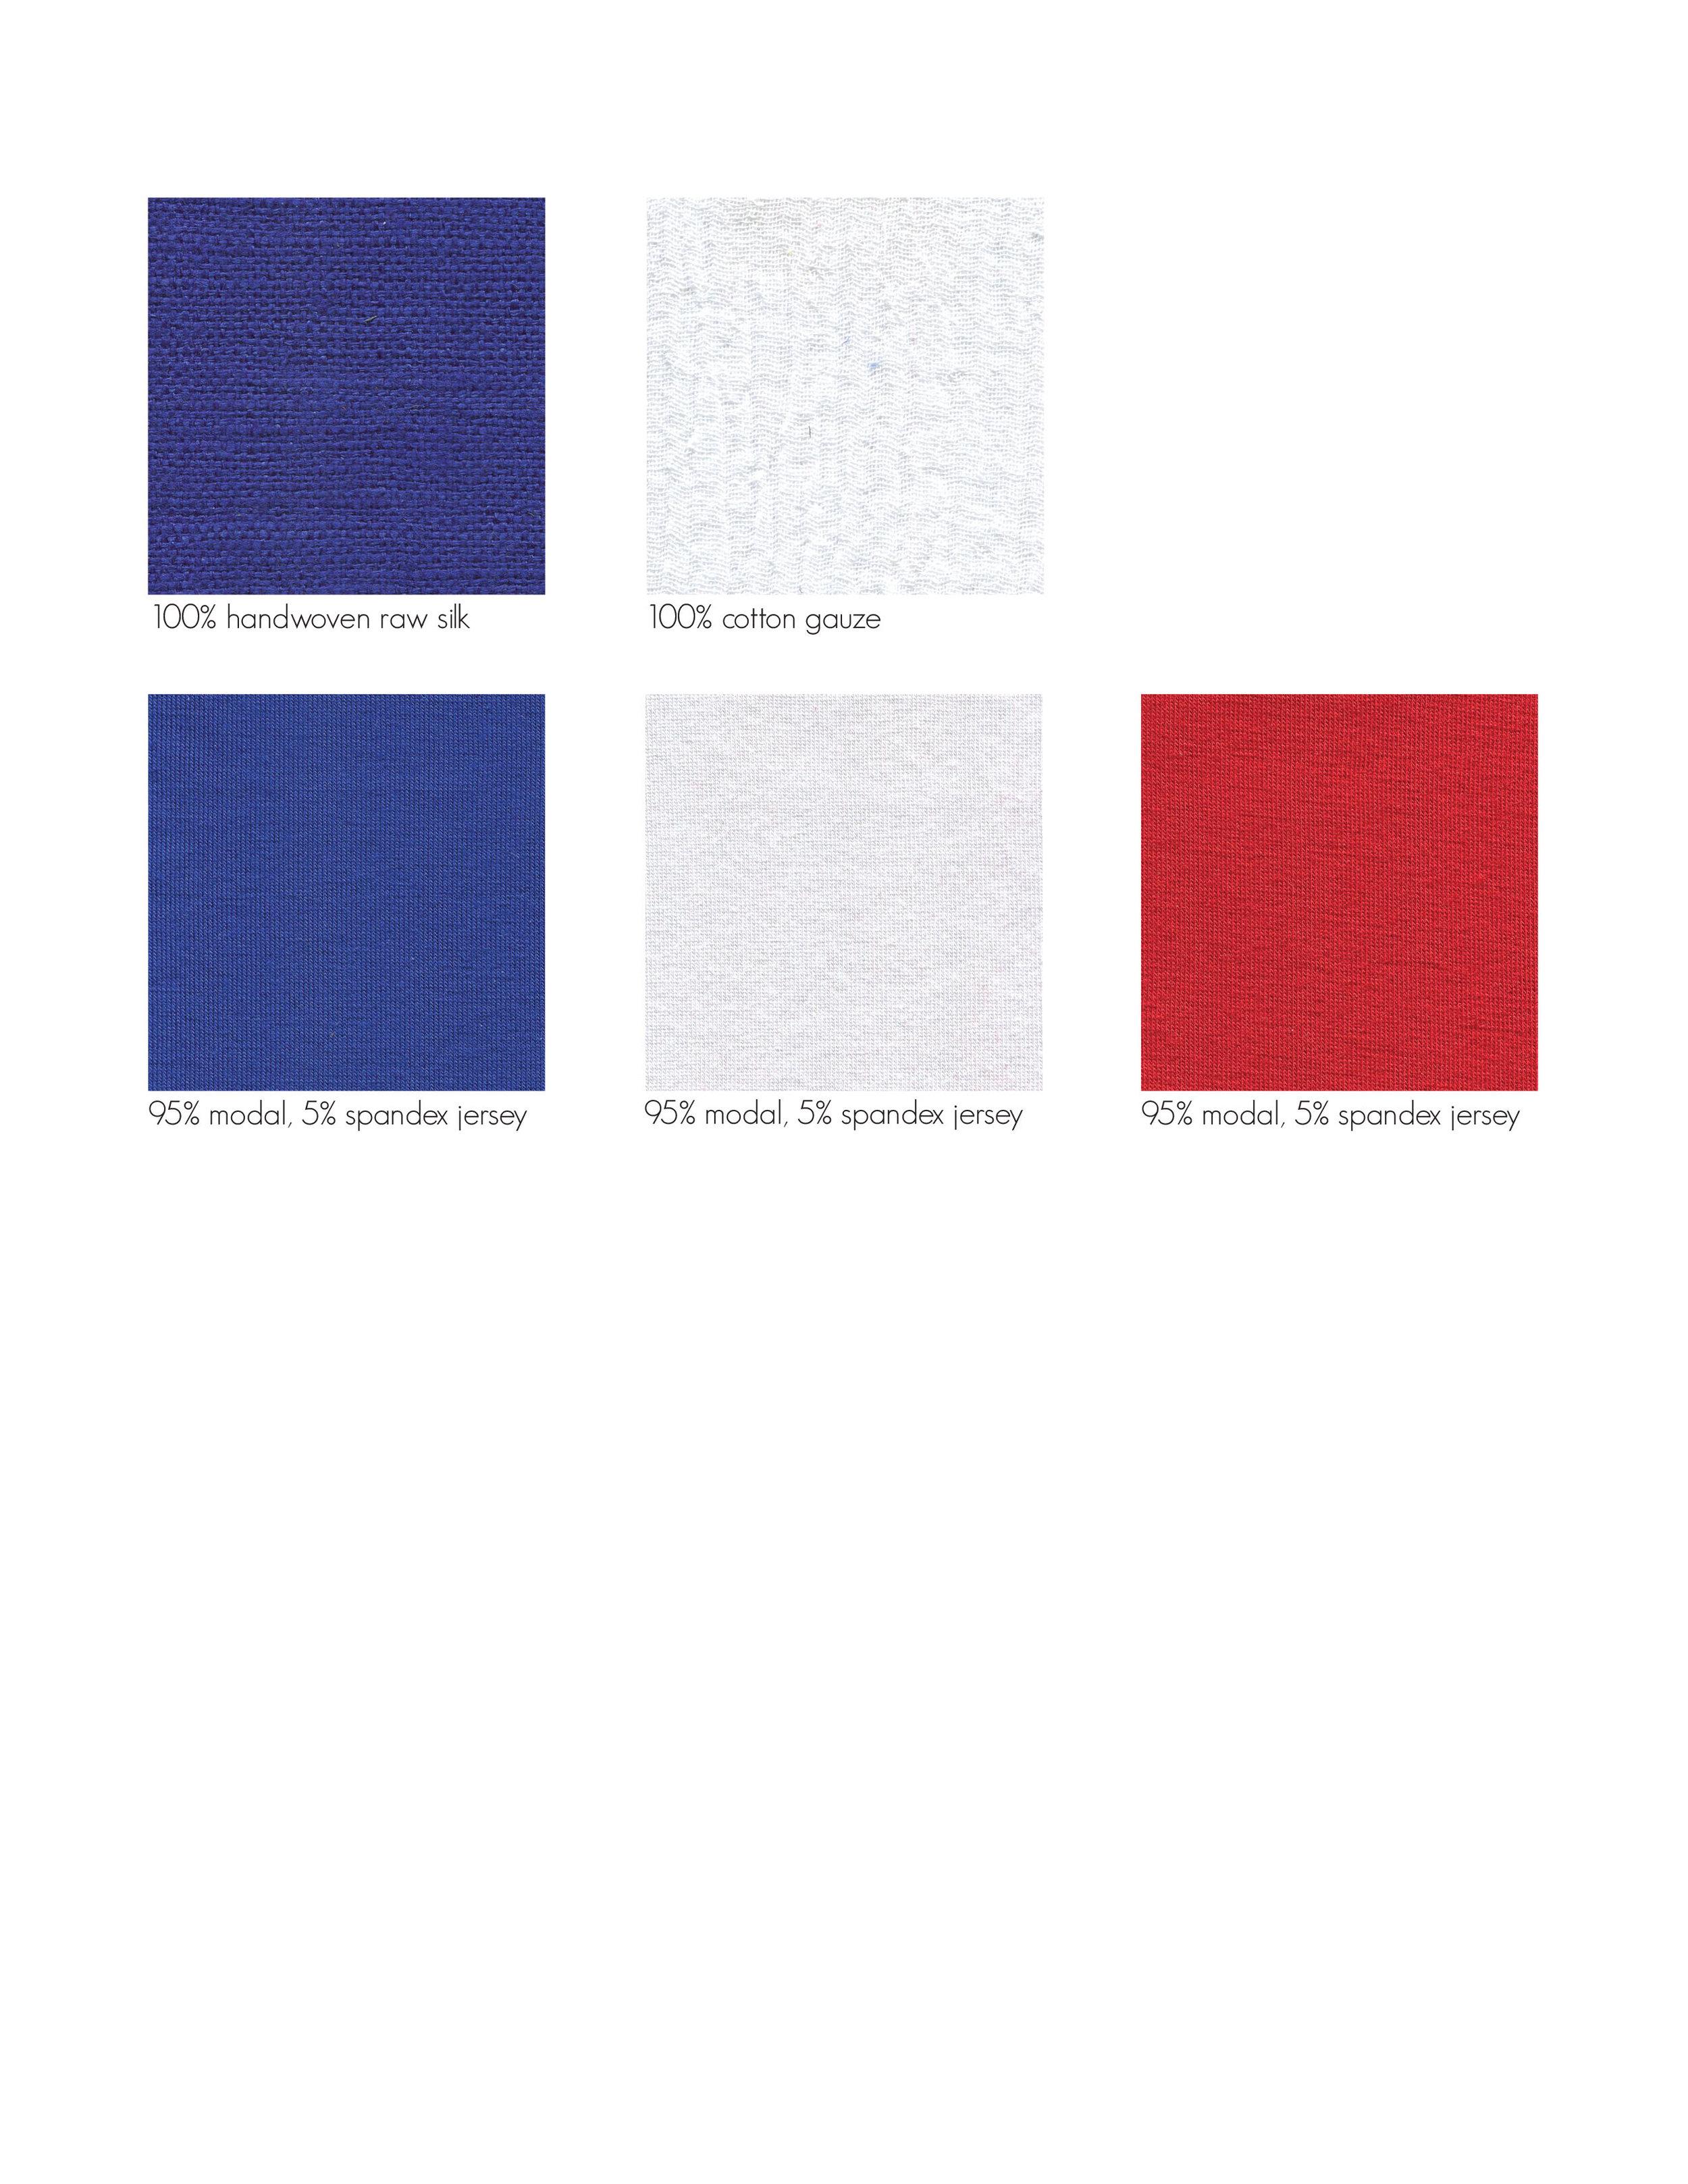 cs16d1 digital fabrics modal.jpg